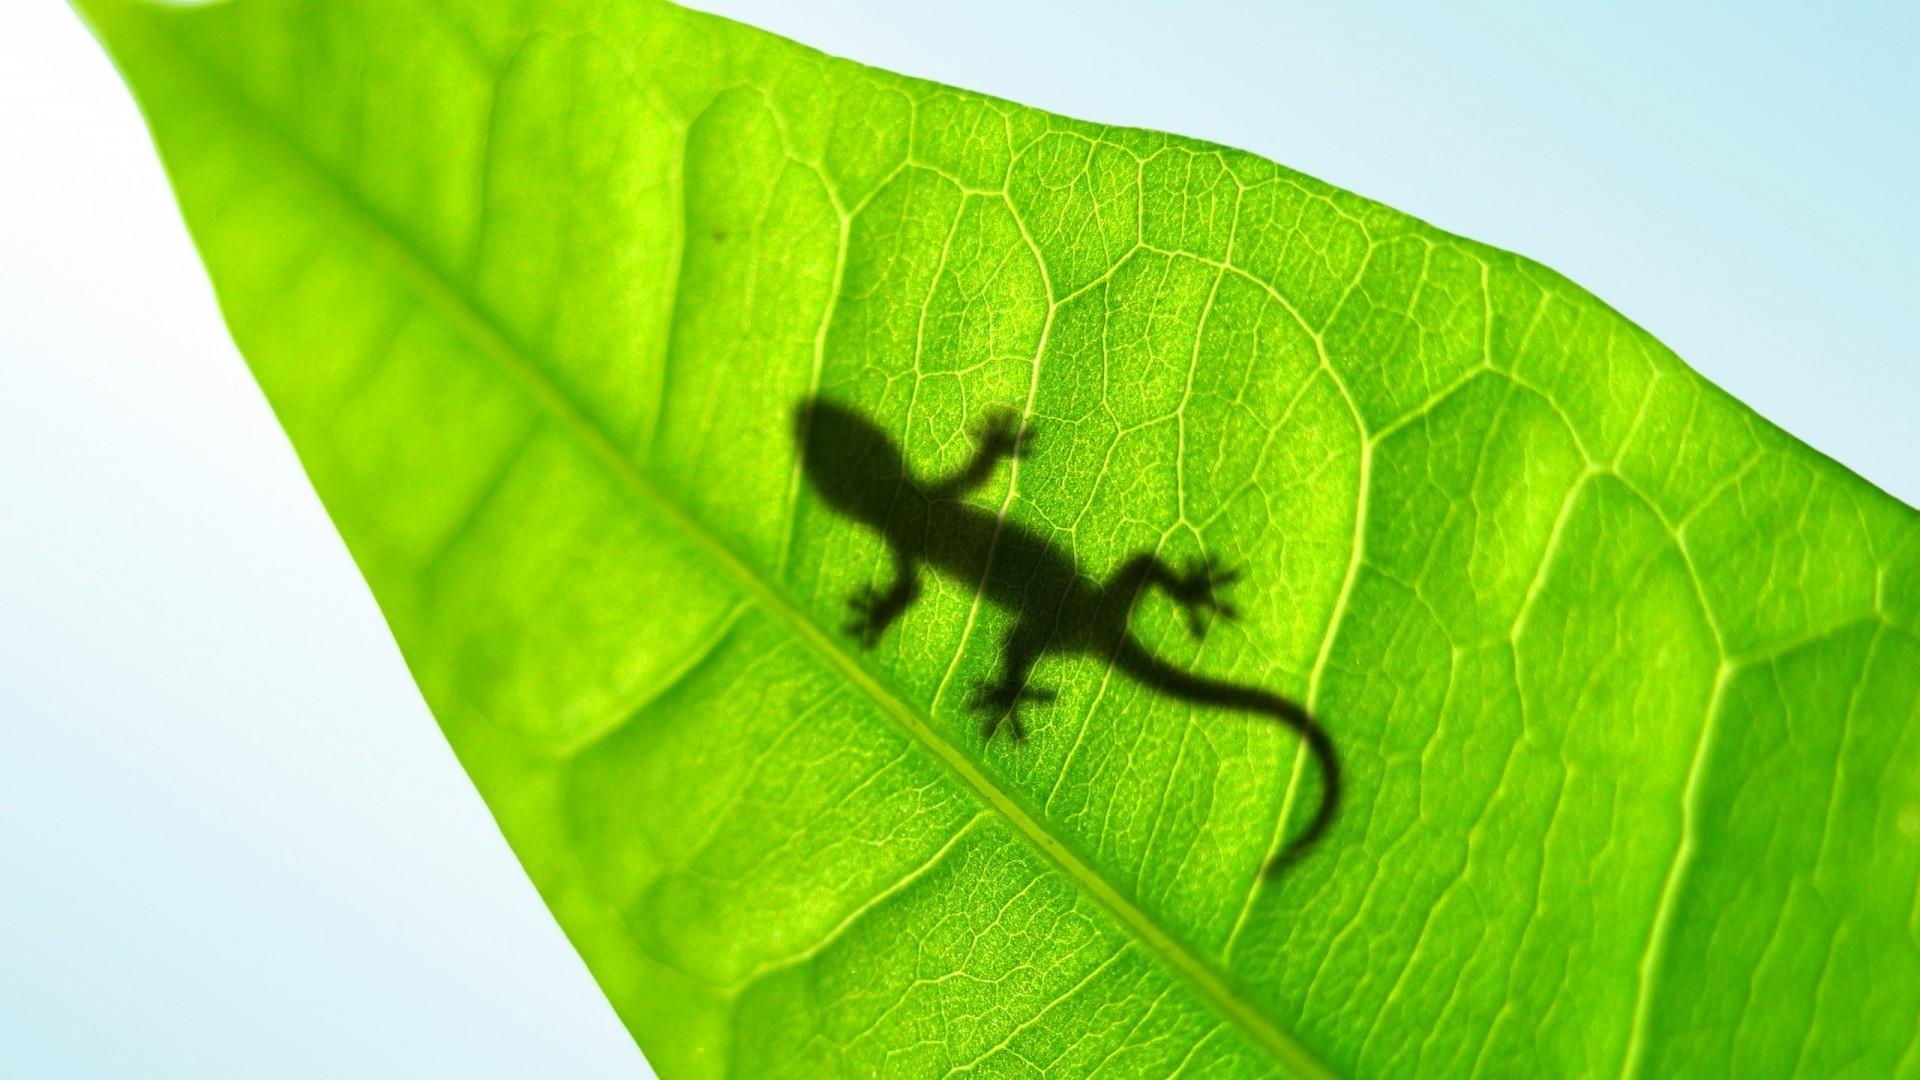 Зеленая ящерица в листьях бесплатно